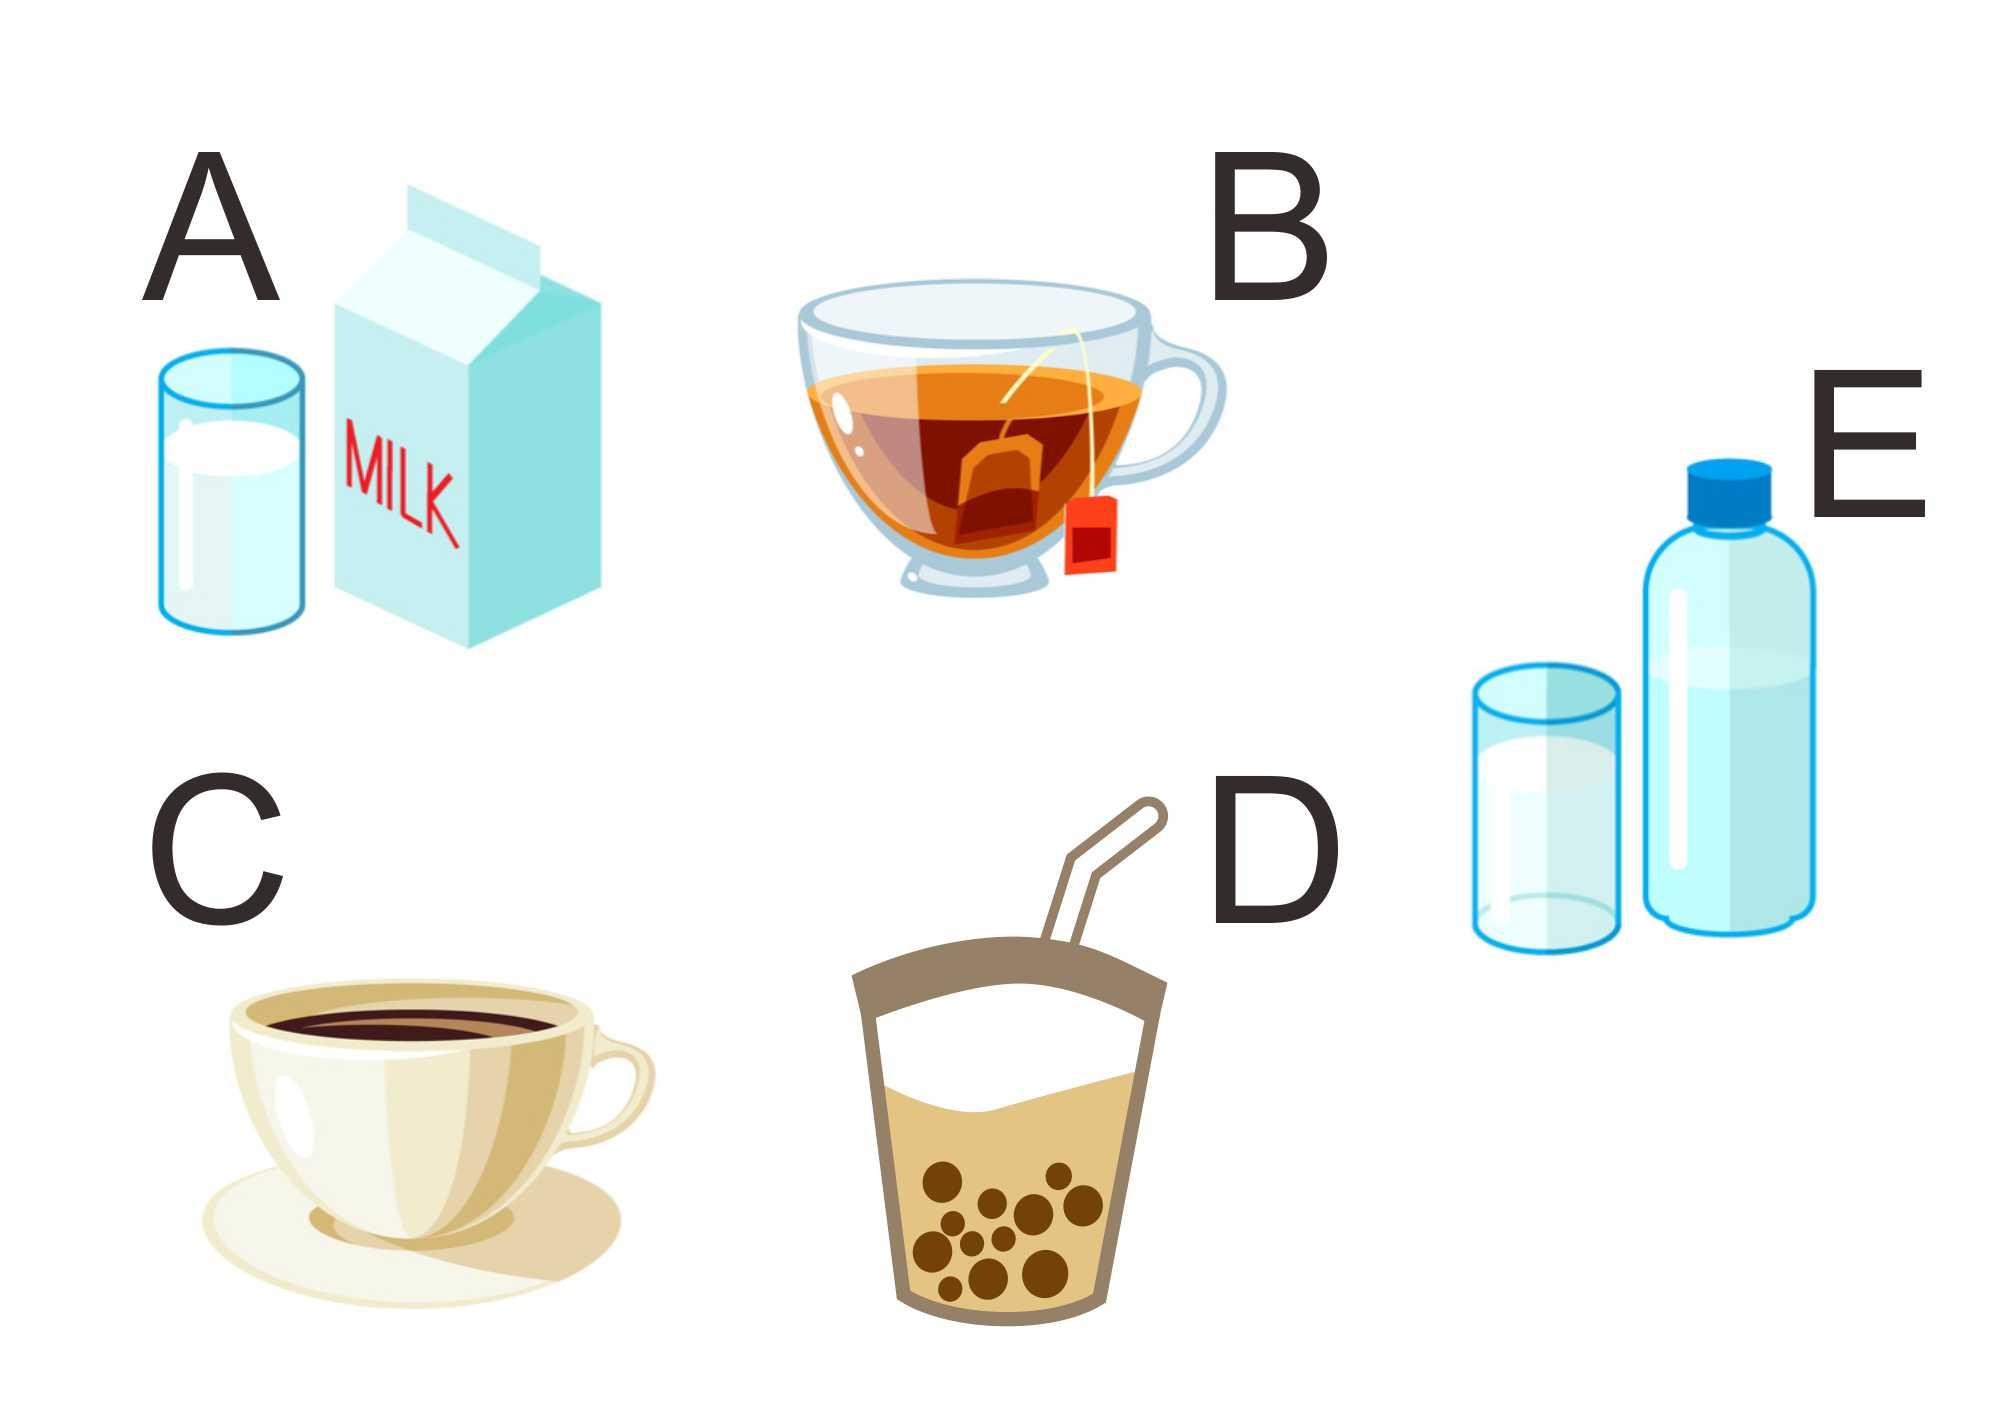 心理測驗:來杯飲品解渴 測在愛情中的態度 | 個性 | 戀愛 | 口渴 | 大紀元